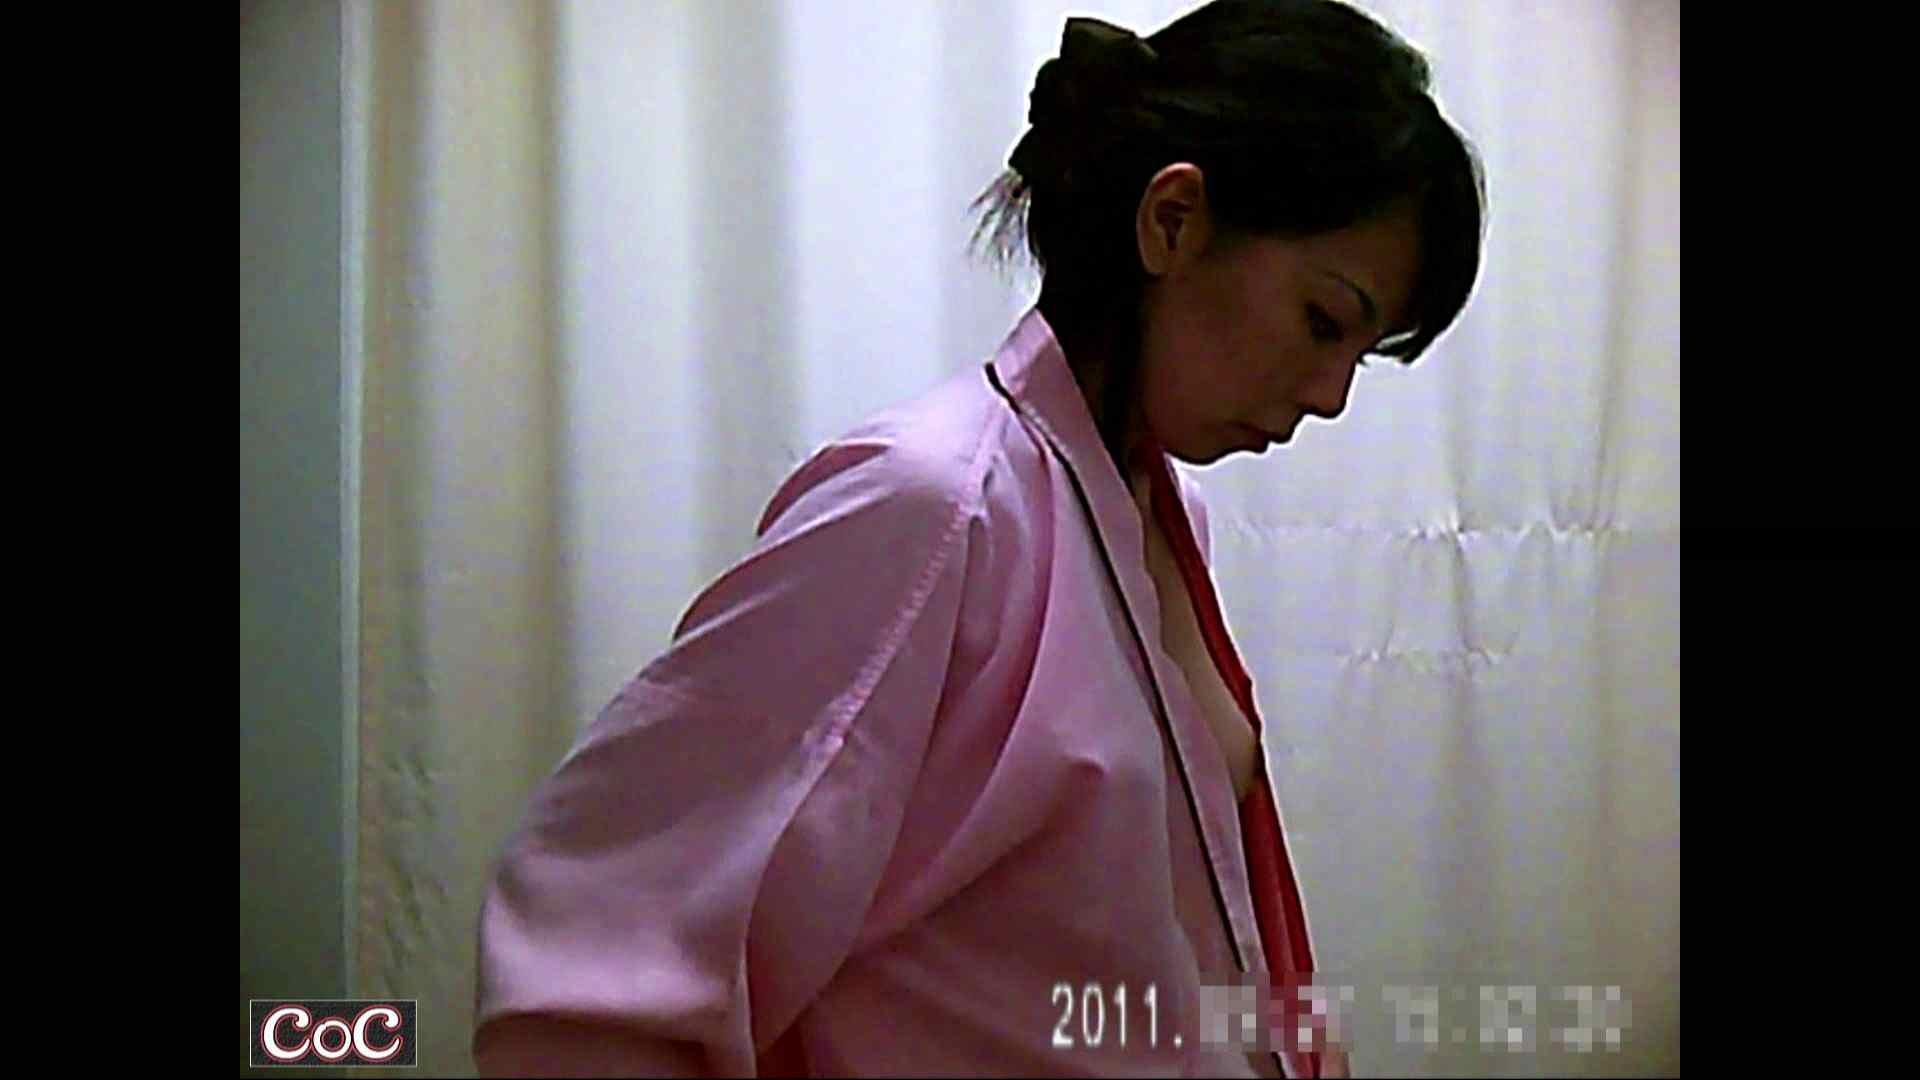 元医者による反抗 更衣室地獄絵巻 vol.258 OL  58pic 29